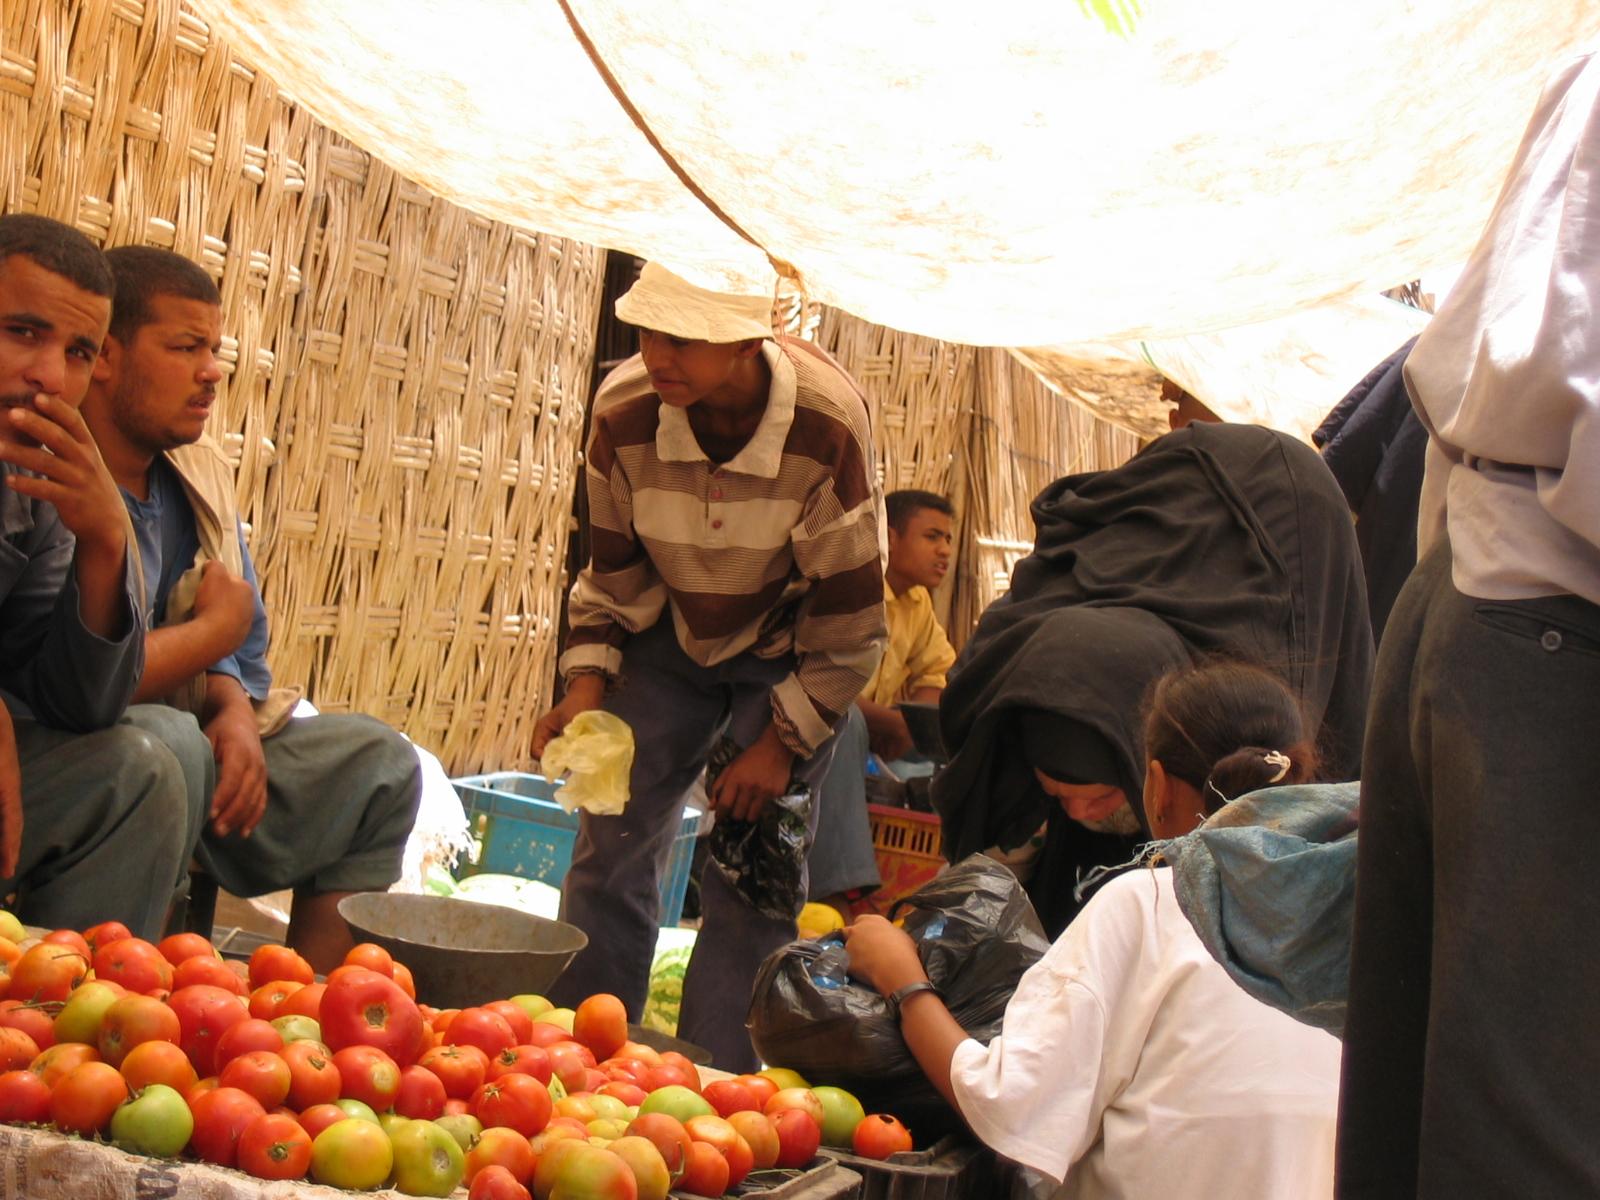 Marocco 2005, di valeria